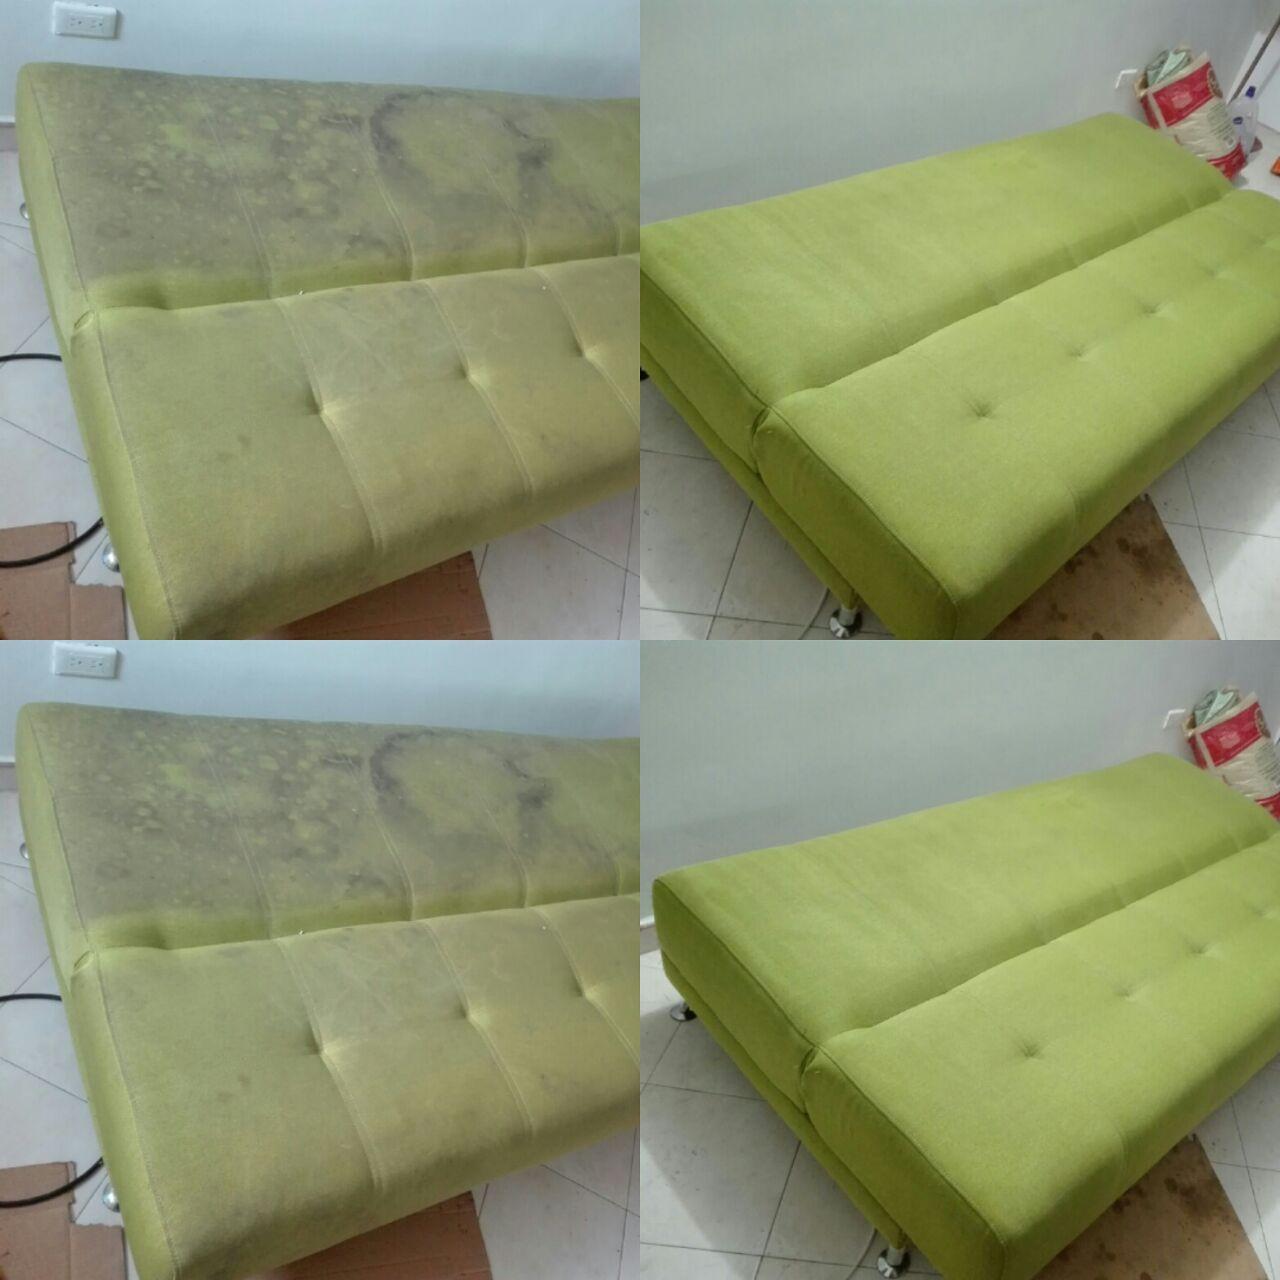 Limpieza de sofas amazing limpieza de sofs y tapiceras - Sofa cama verde ...